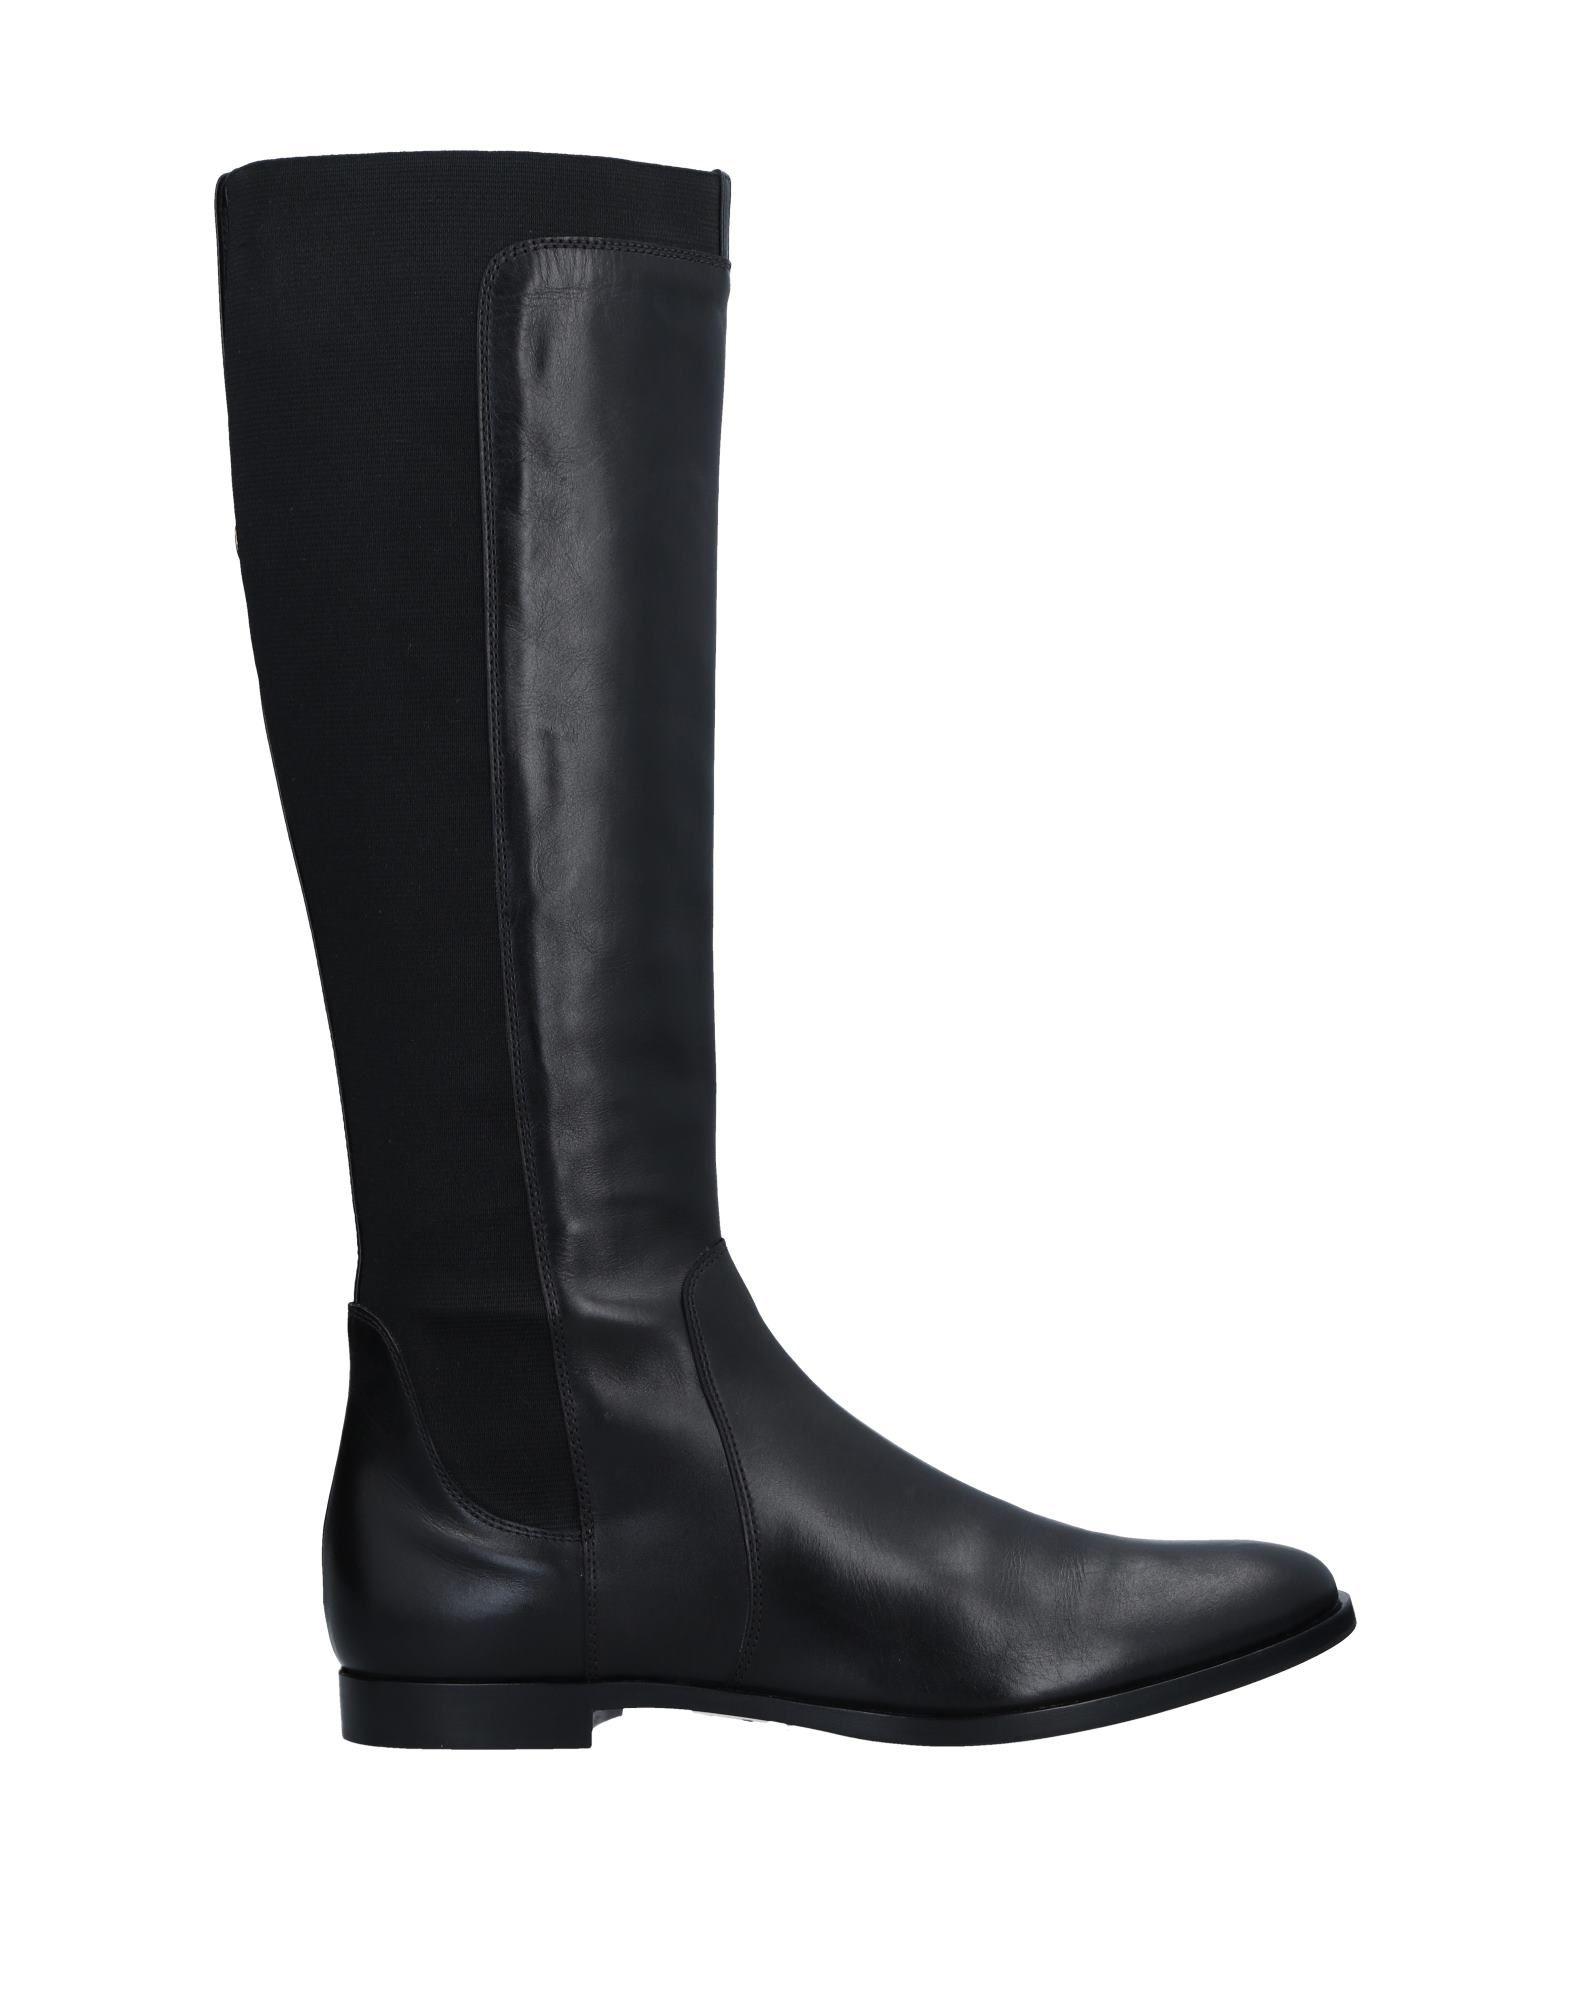 Sergio Sergio Rossi Boots - Women Sergio Sergio Rossi Boots online on  United Kingdom - 11526076KP 0bd833